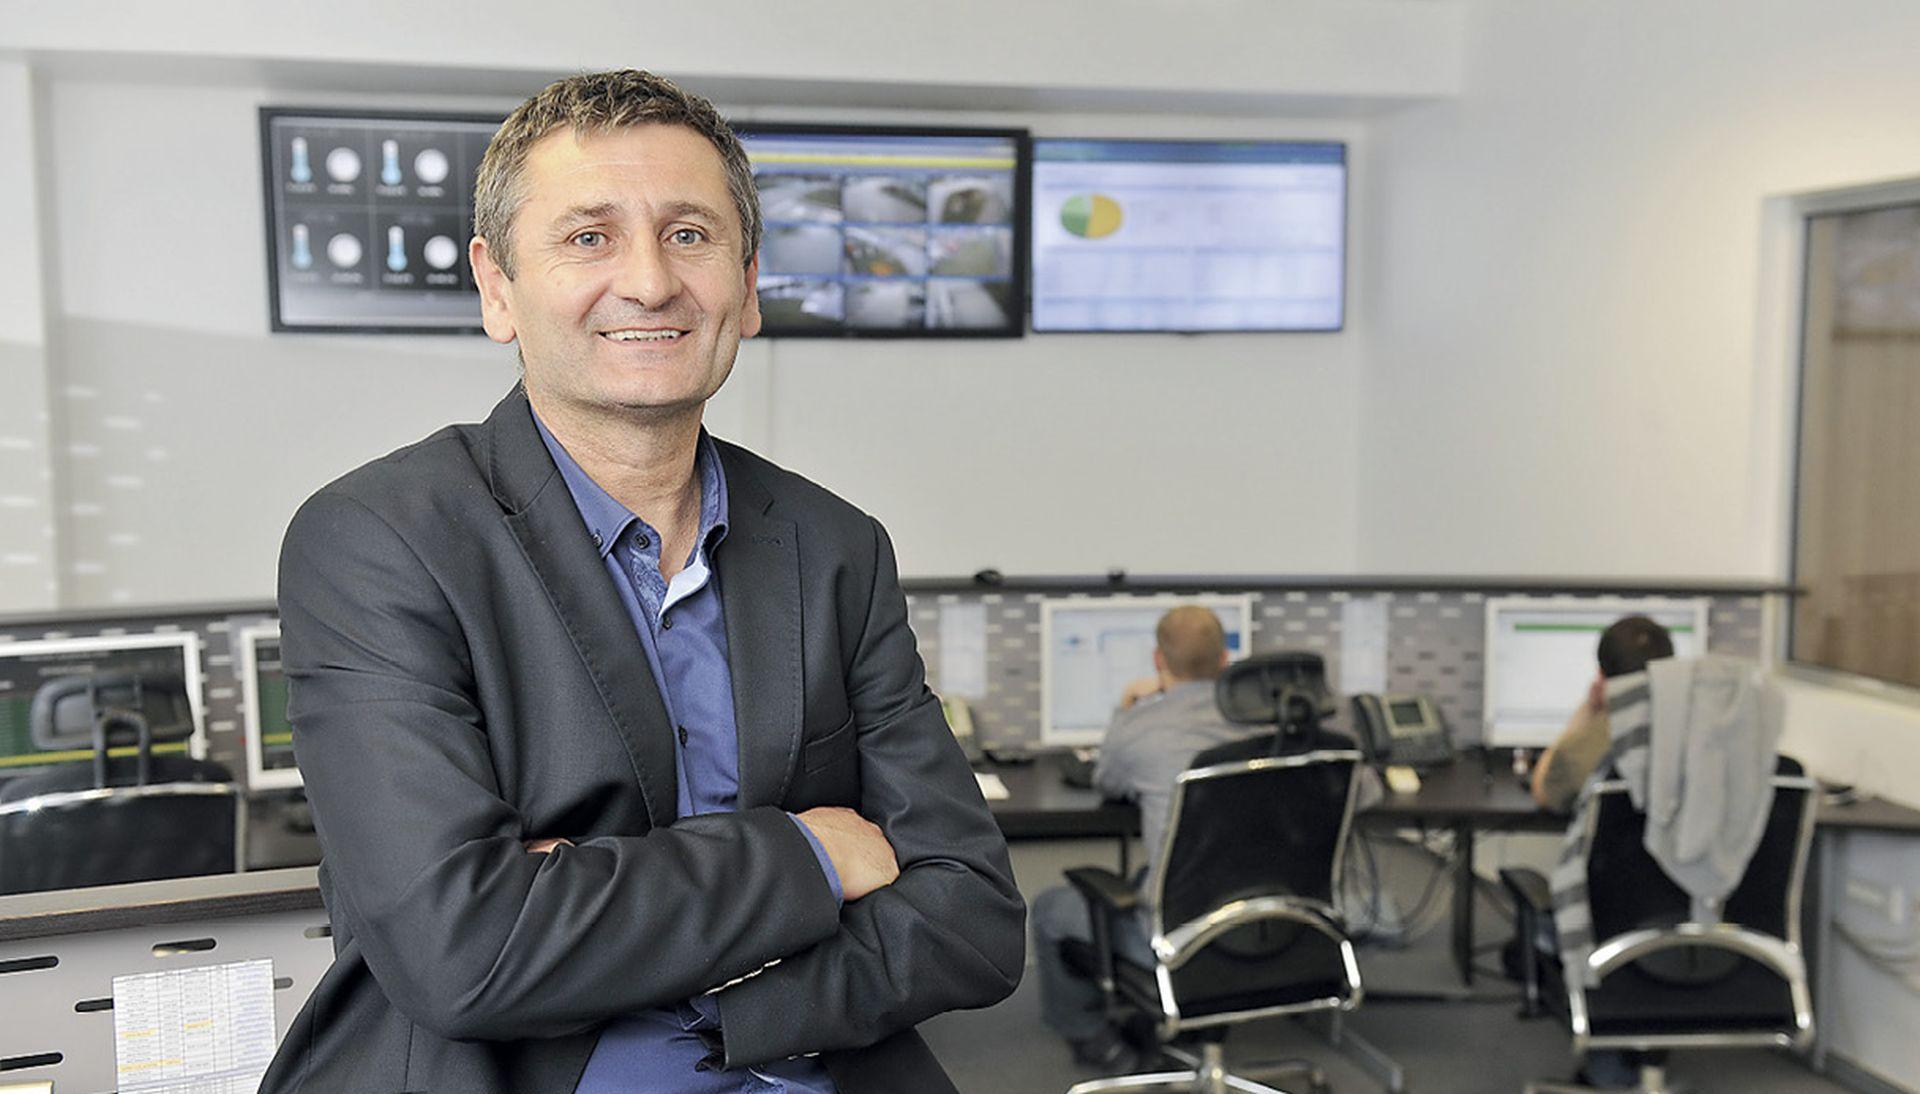 'Poplave i potresi neće uništiti vaše podatke'